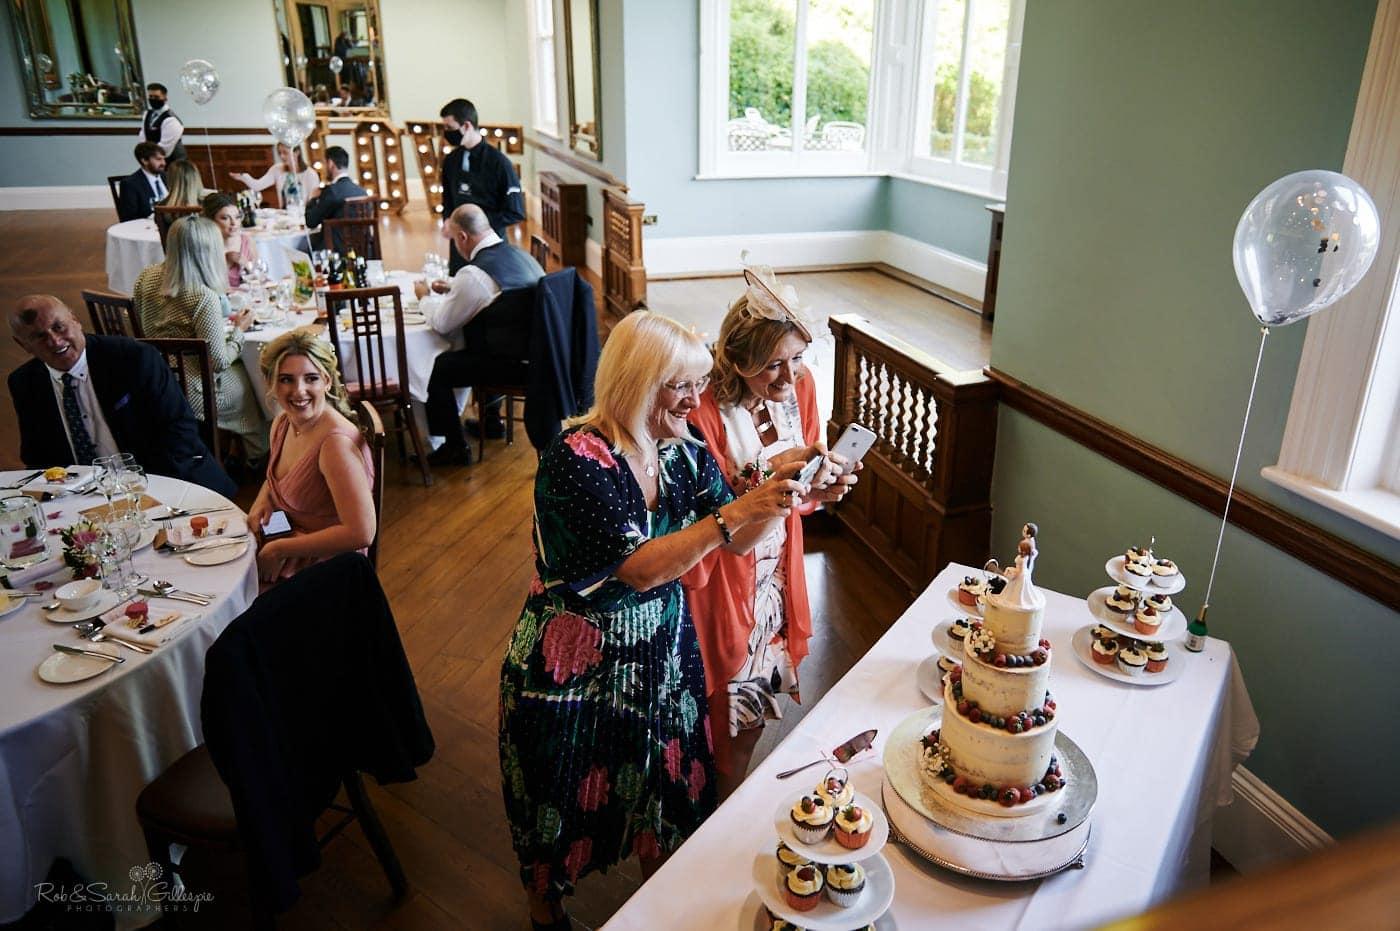 Wedding guests take photos of wedding cake